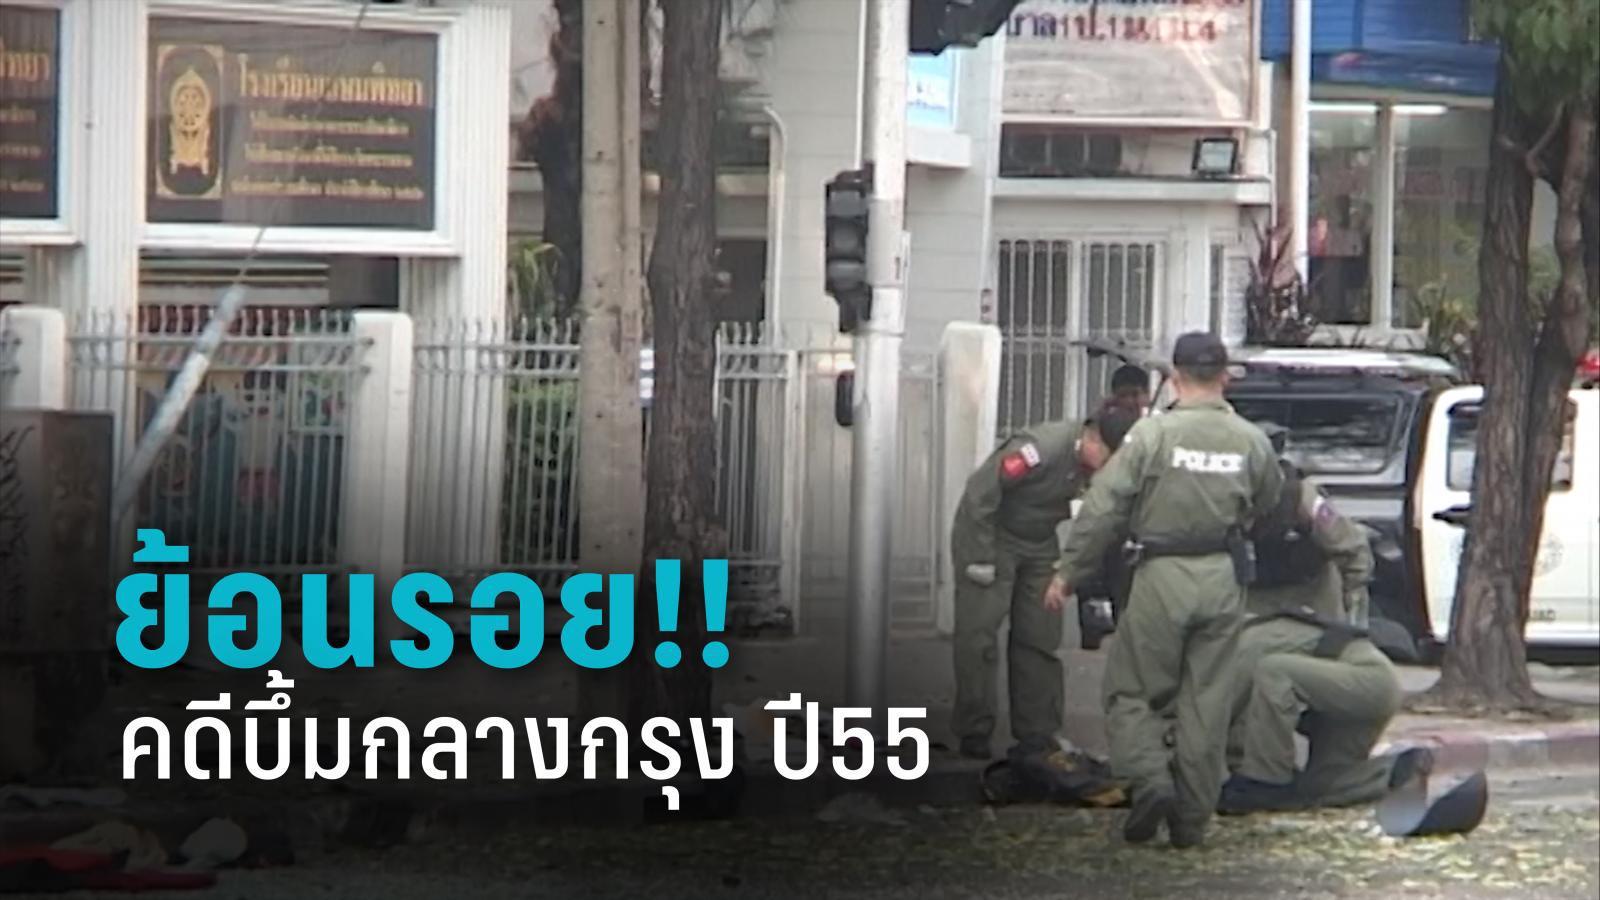 ย้อนรอยบึ้มกลางกรุงเขย่าขวัญคนไทย คดี 3 นักโทษอิหร่าน เหตุใดไทยส่งคืนประเทศเพื่อออสเตรเลีย!!